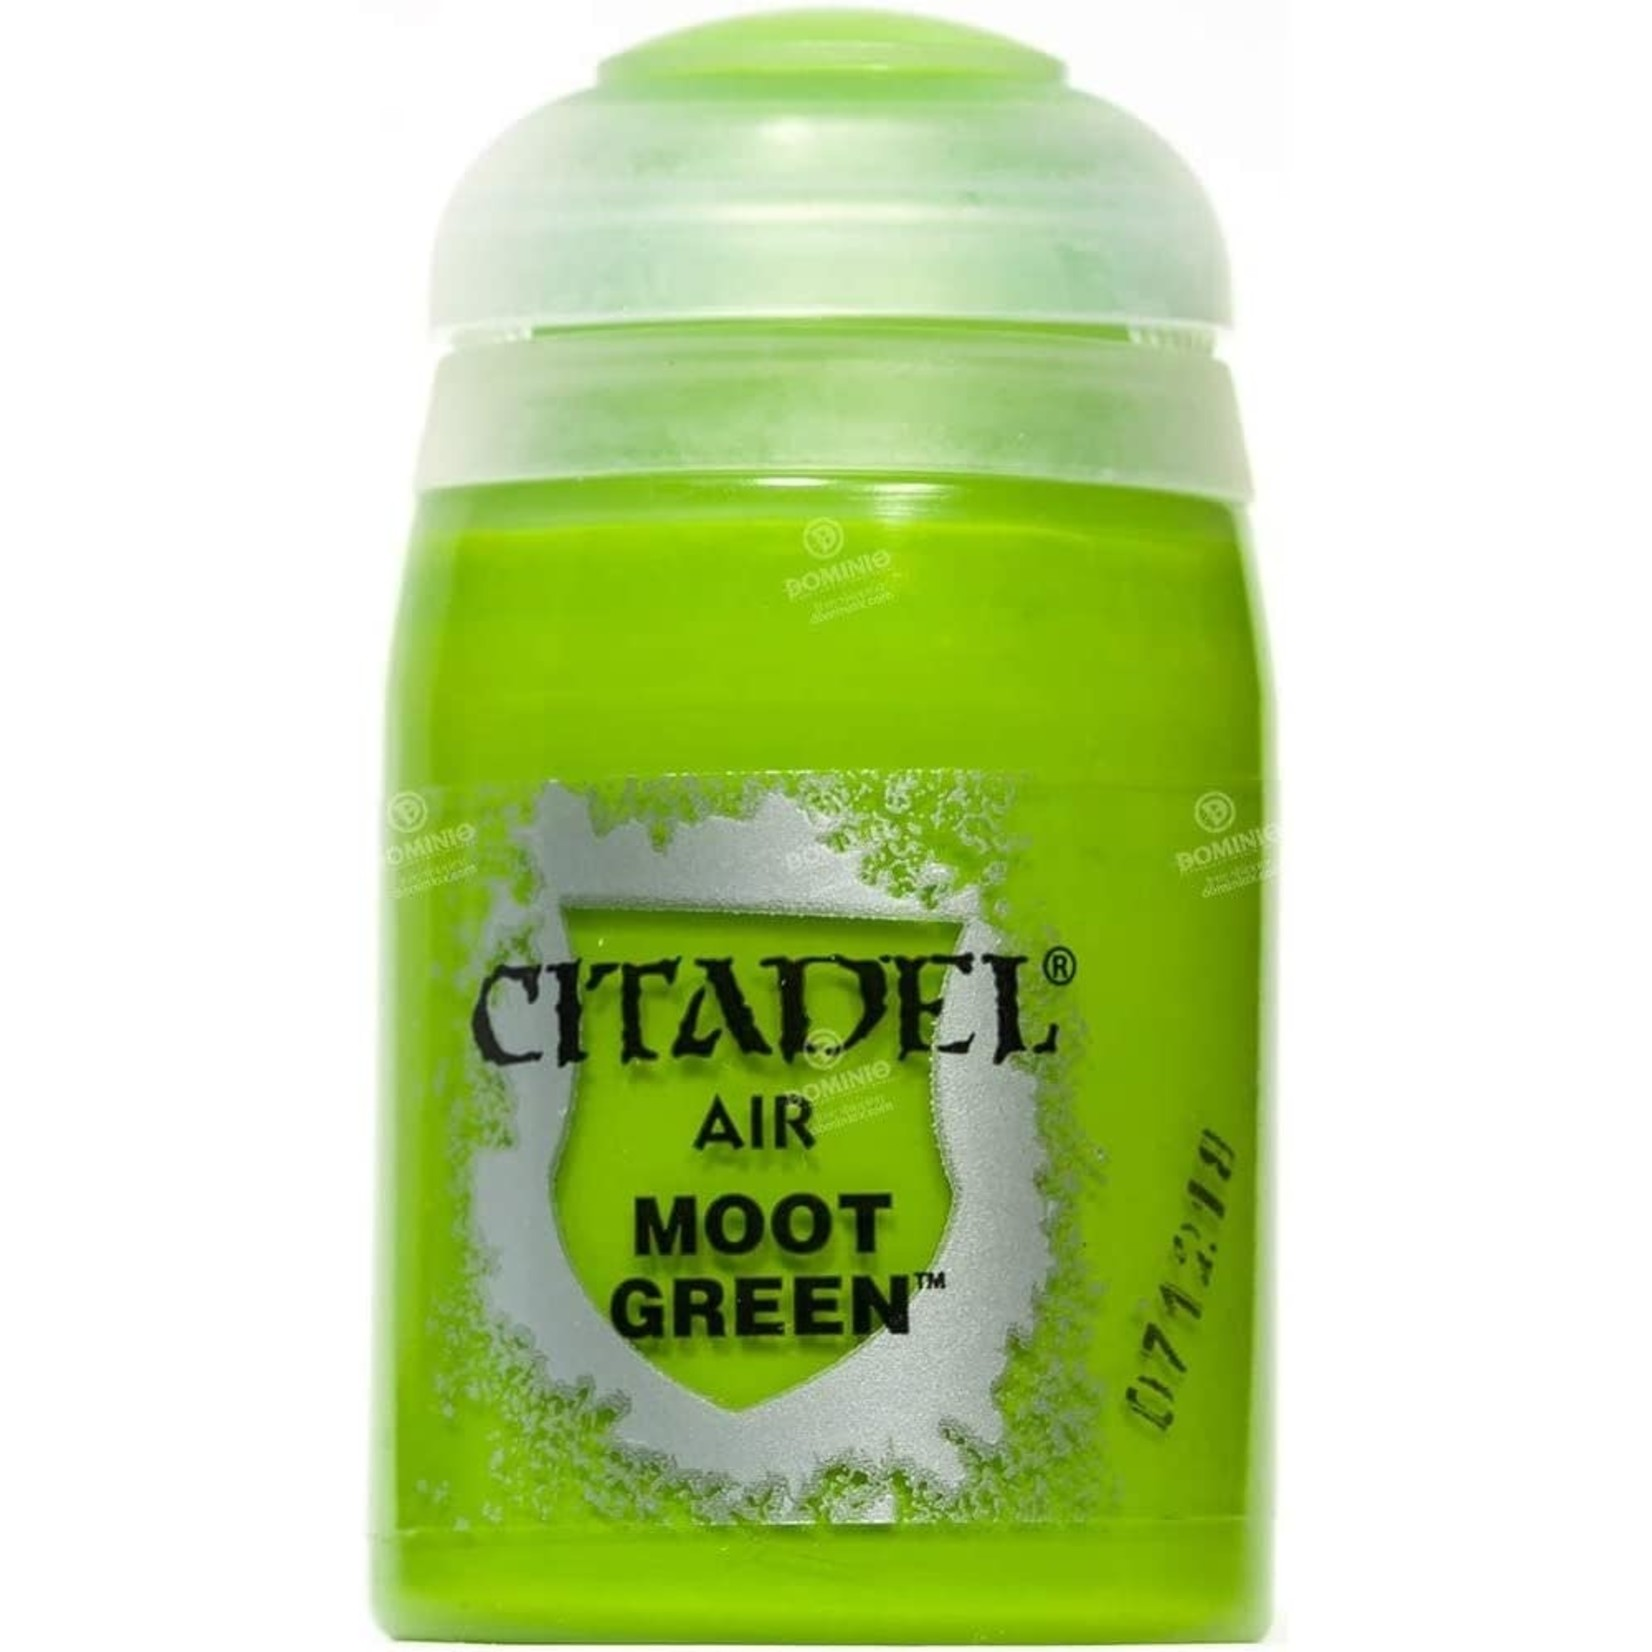 Games Workshop Citadel Paint: Moot Green Air (24 ml)